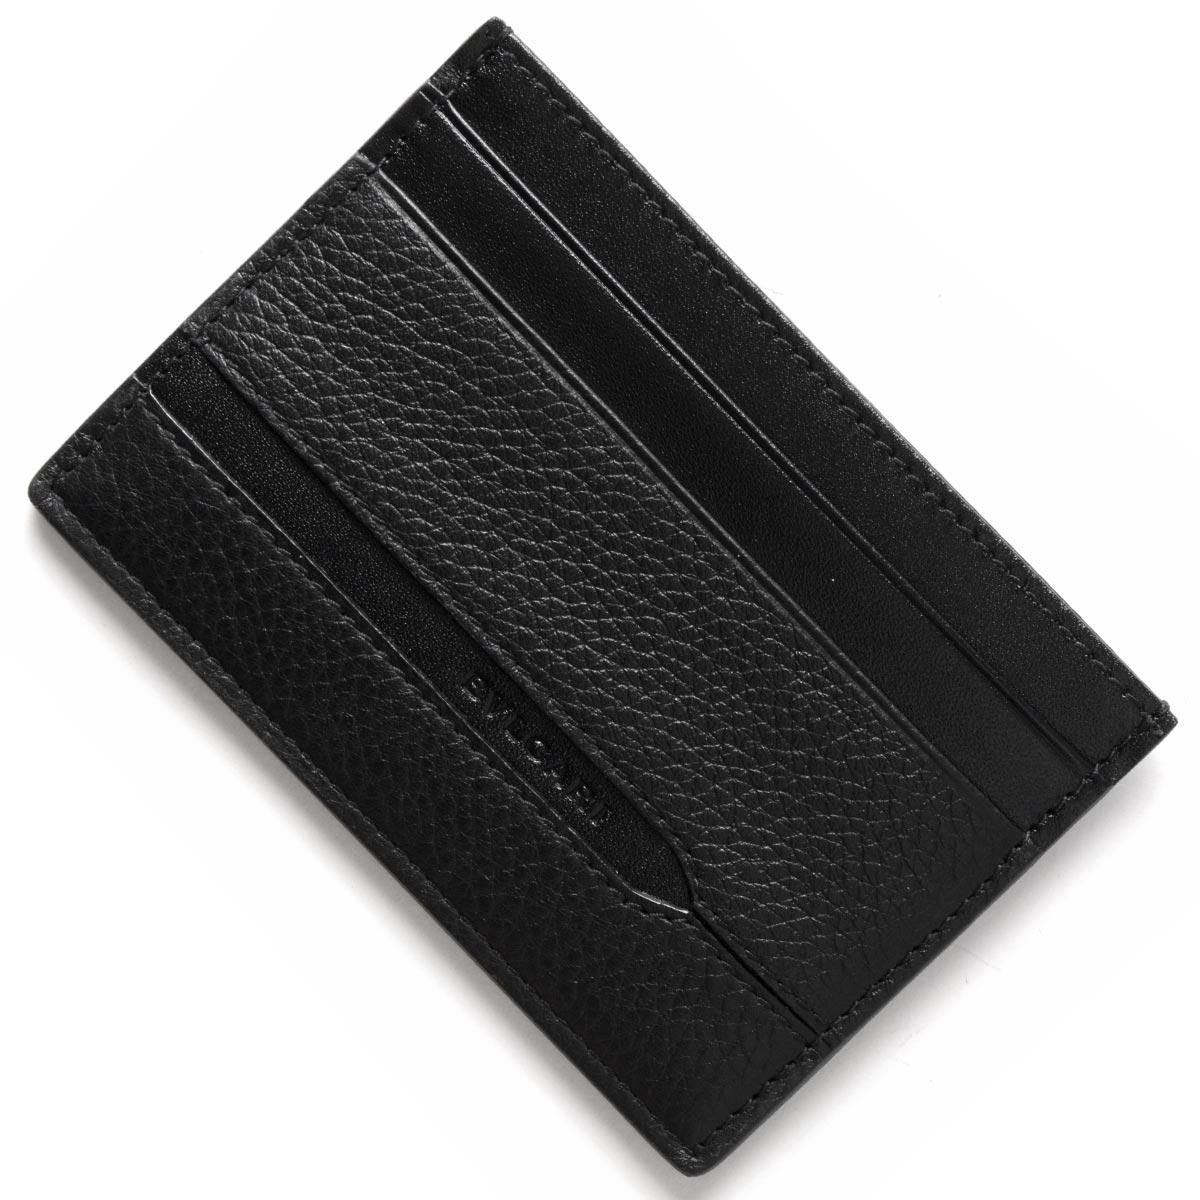 ブルガリ カードケース メンズ オクト レザー ブラック 36969 BVLGARI